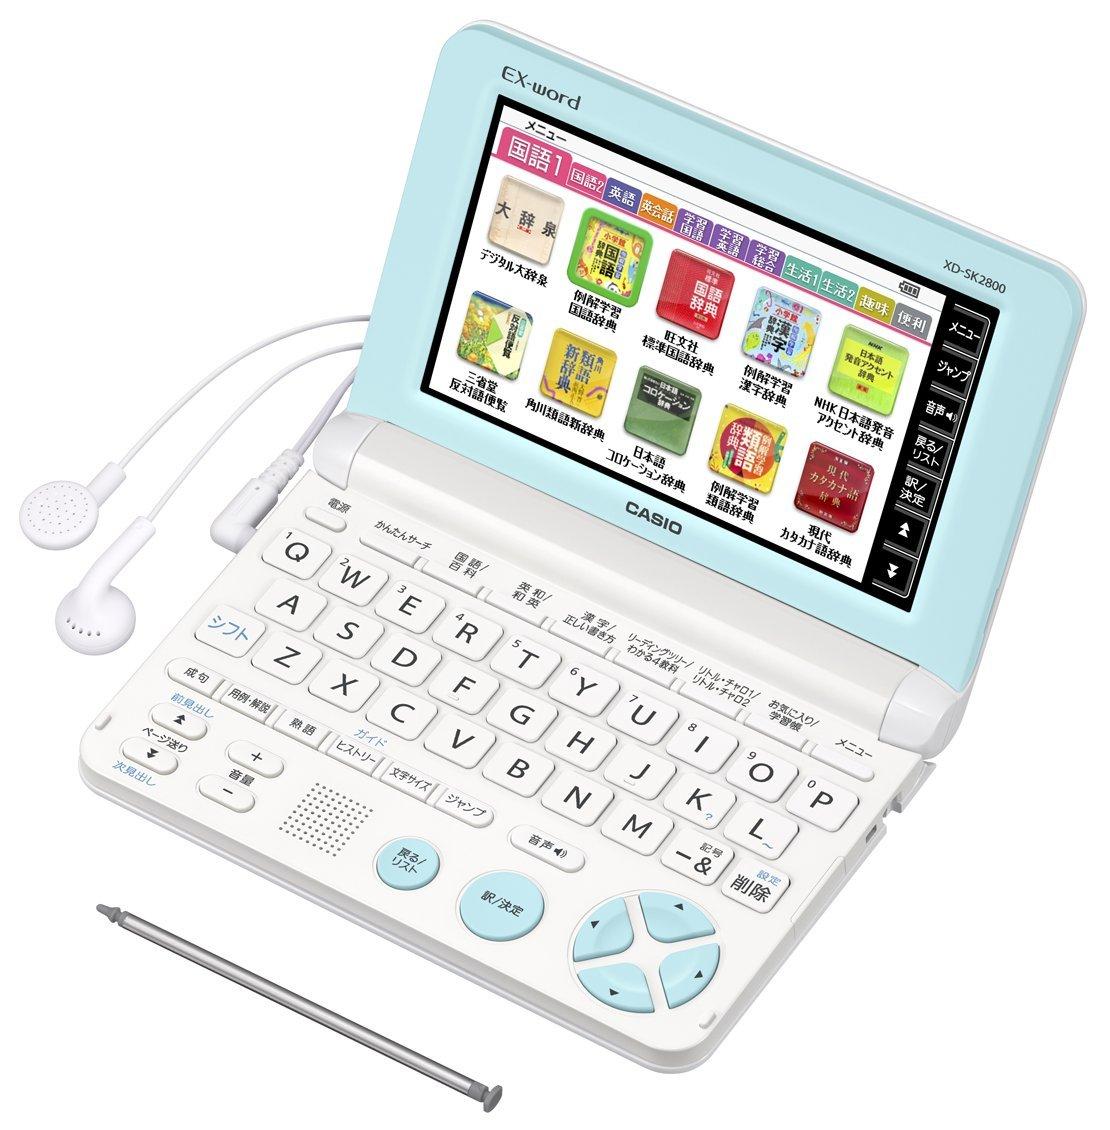 カシオ 電子辞書 エクスワード 小学生高学年モデル XD-SK2800WE ホワイト  ホワイト B017N36XWK